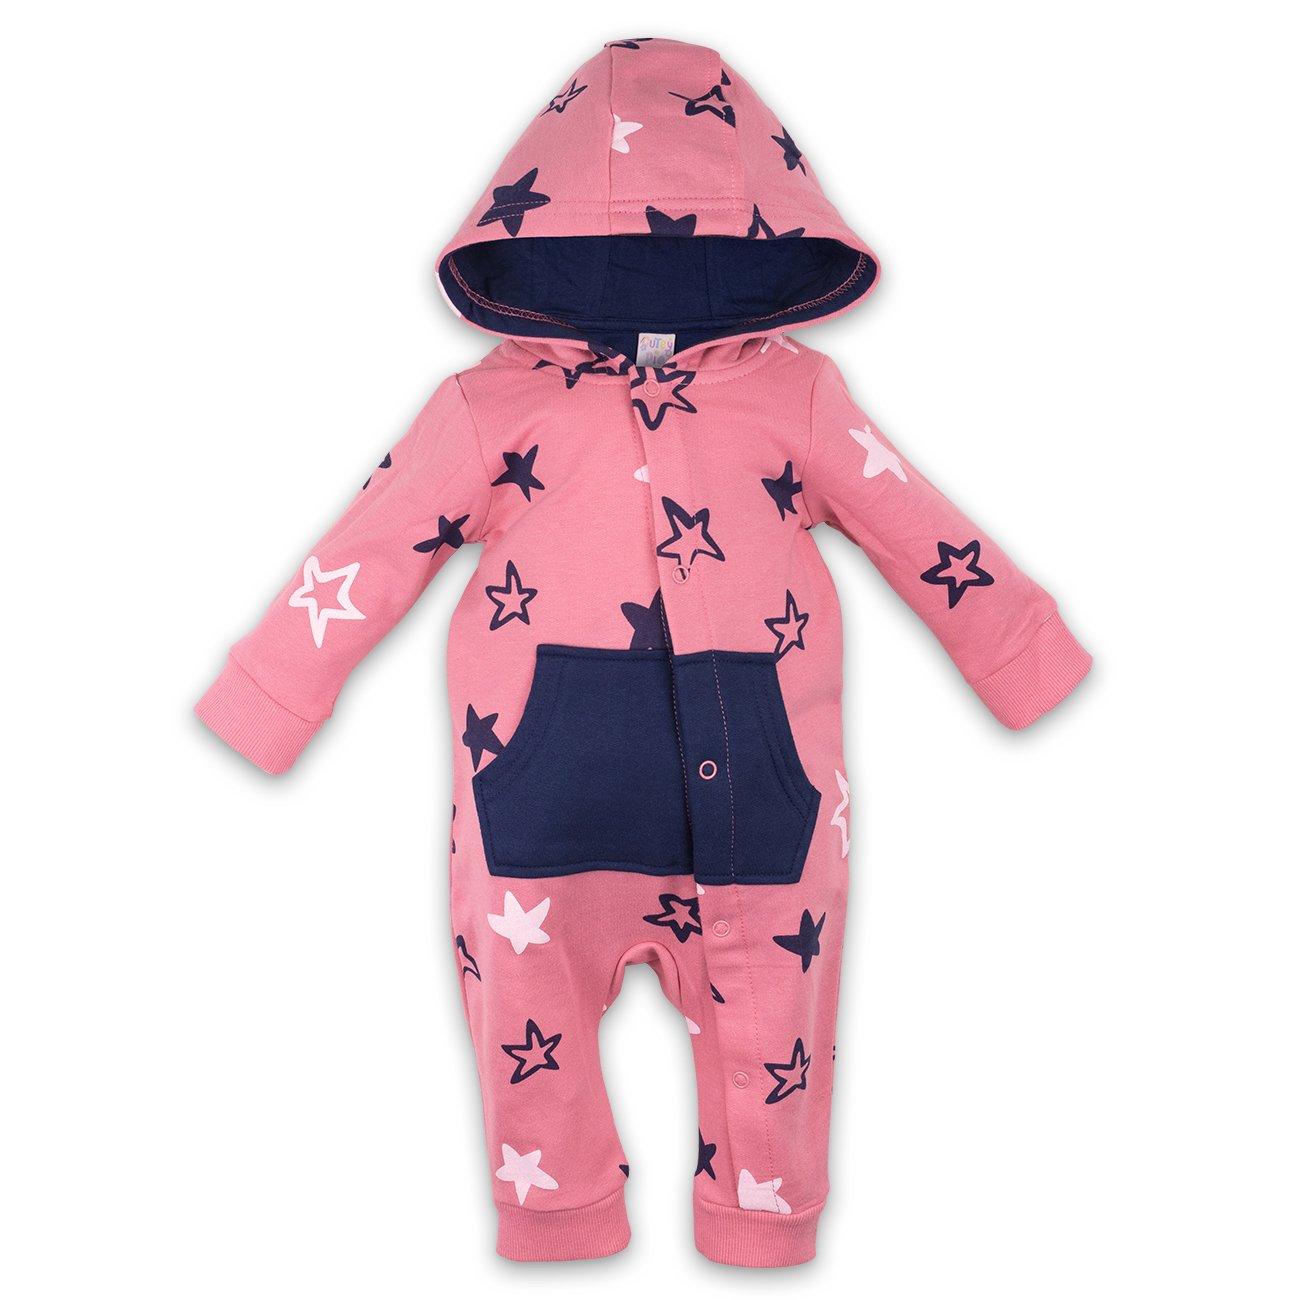 Mädchen Overall Jumpsuit Anzug Strampler Sterne rosa blau 0-3 Monate (56/62) Cutey Pie